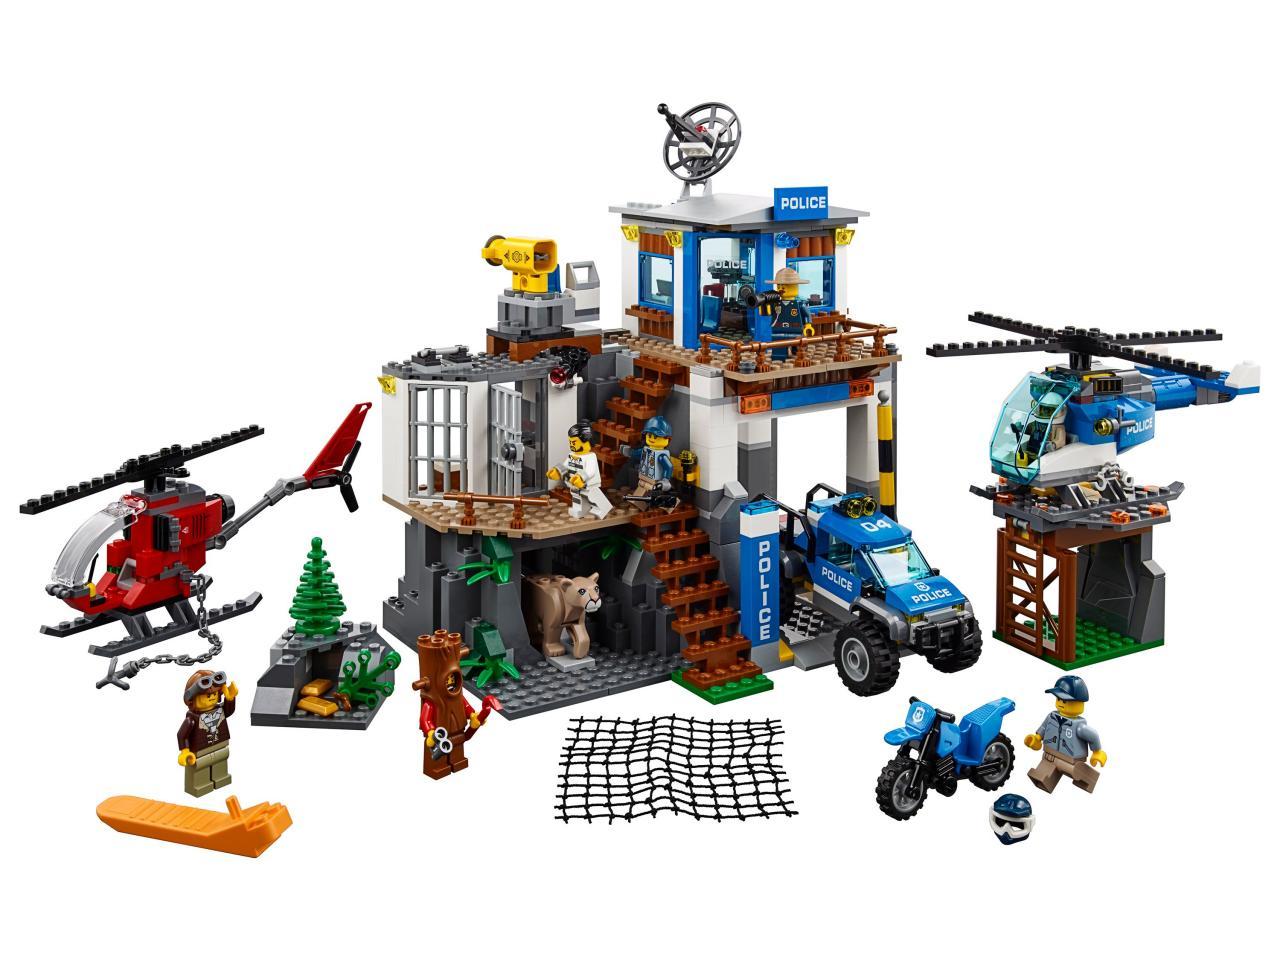 Купить Конструктор LEGO 60174 City Police Полицейский участок в горах, пластик, Для мальчиков и девочек, Венгрия, Конструкторы